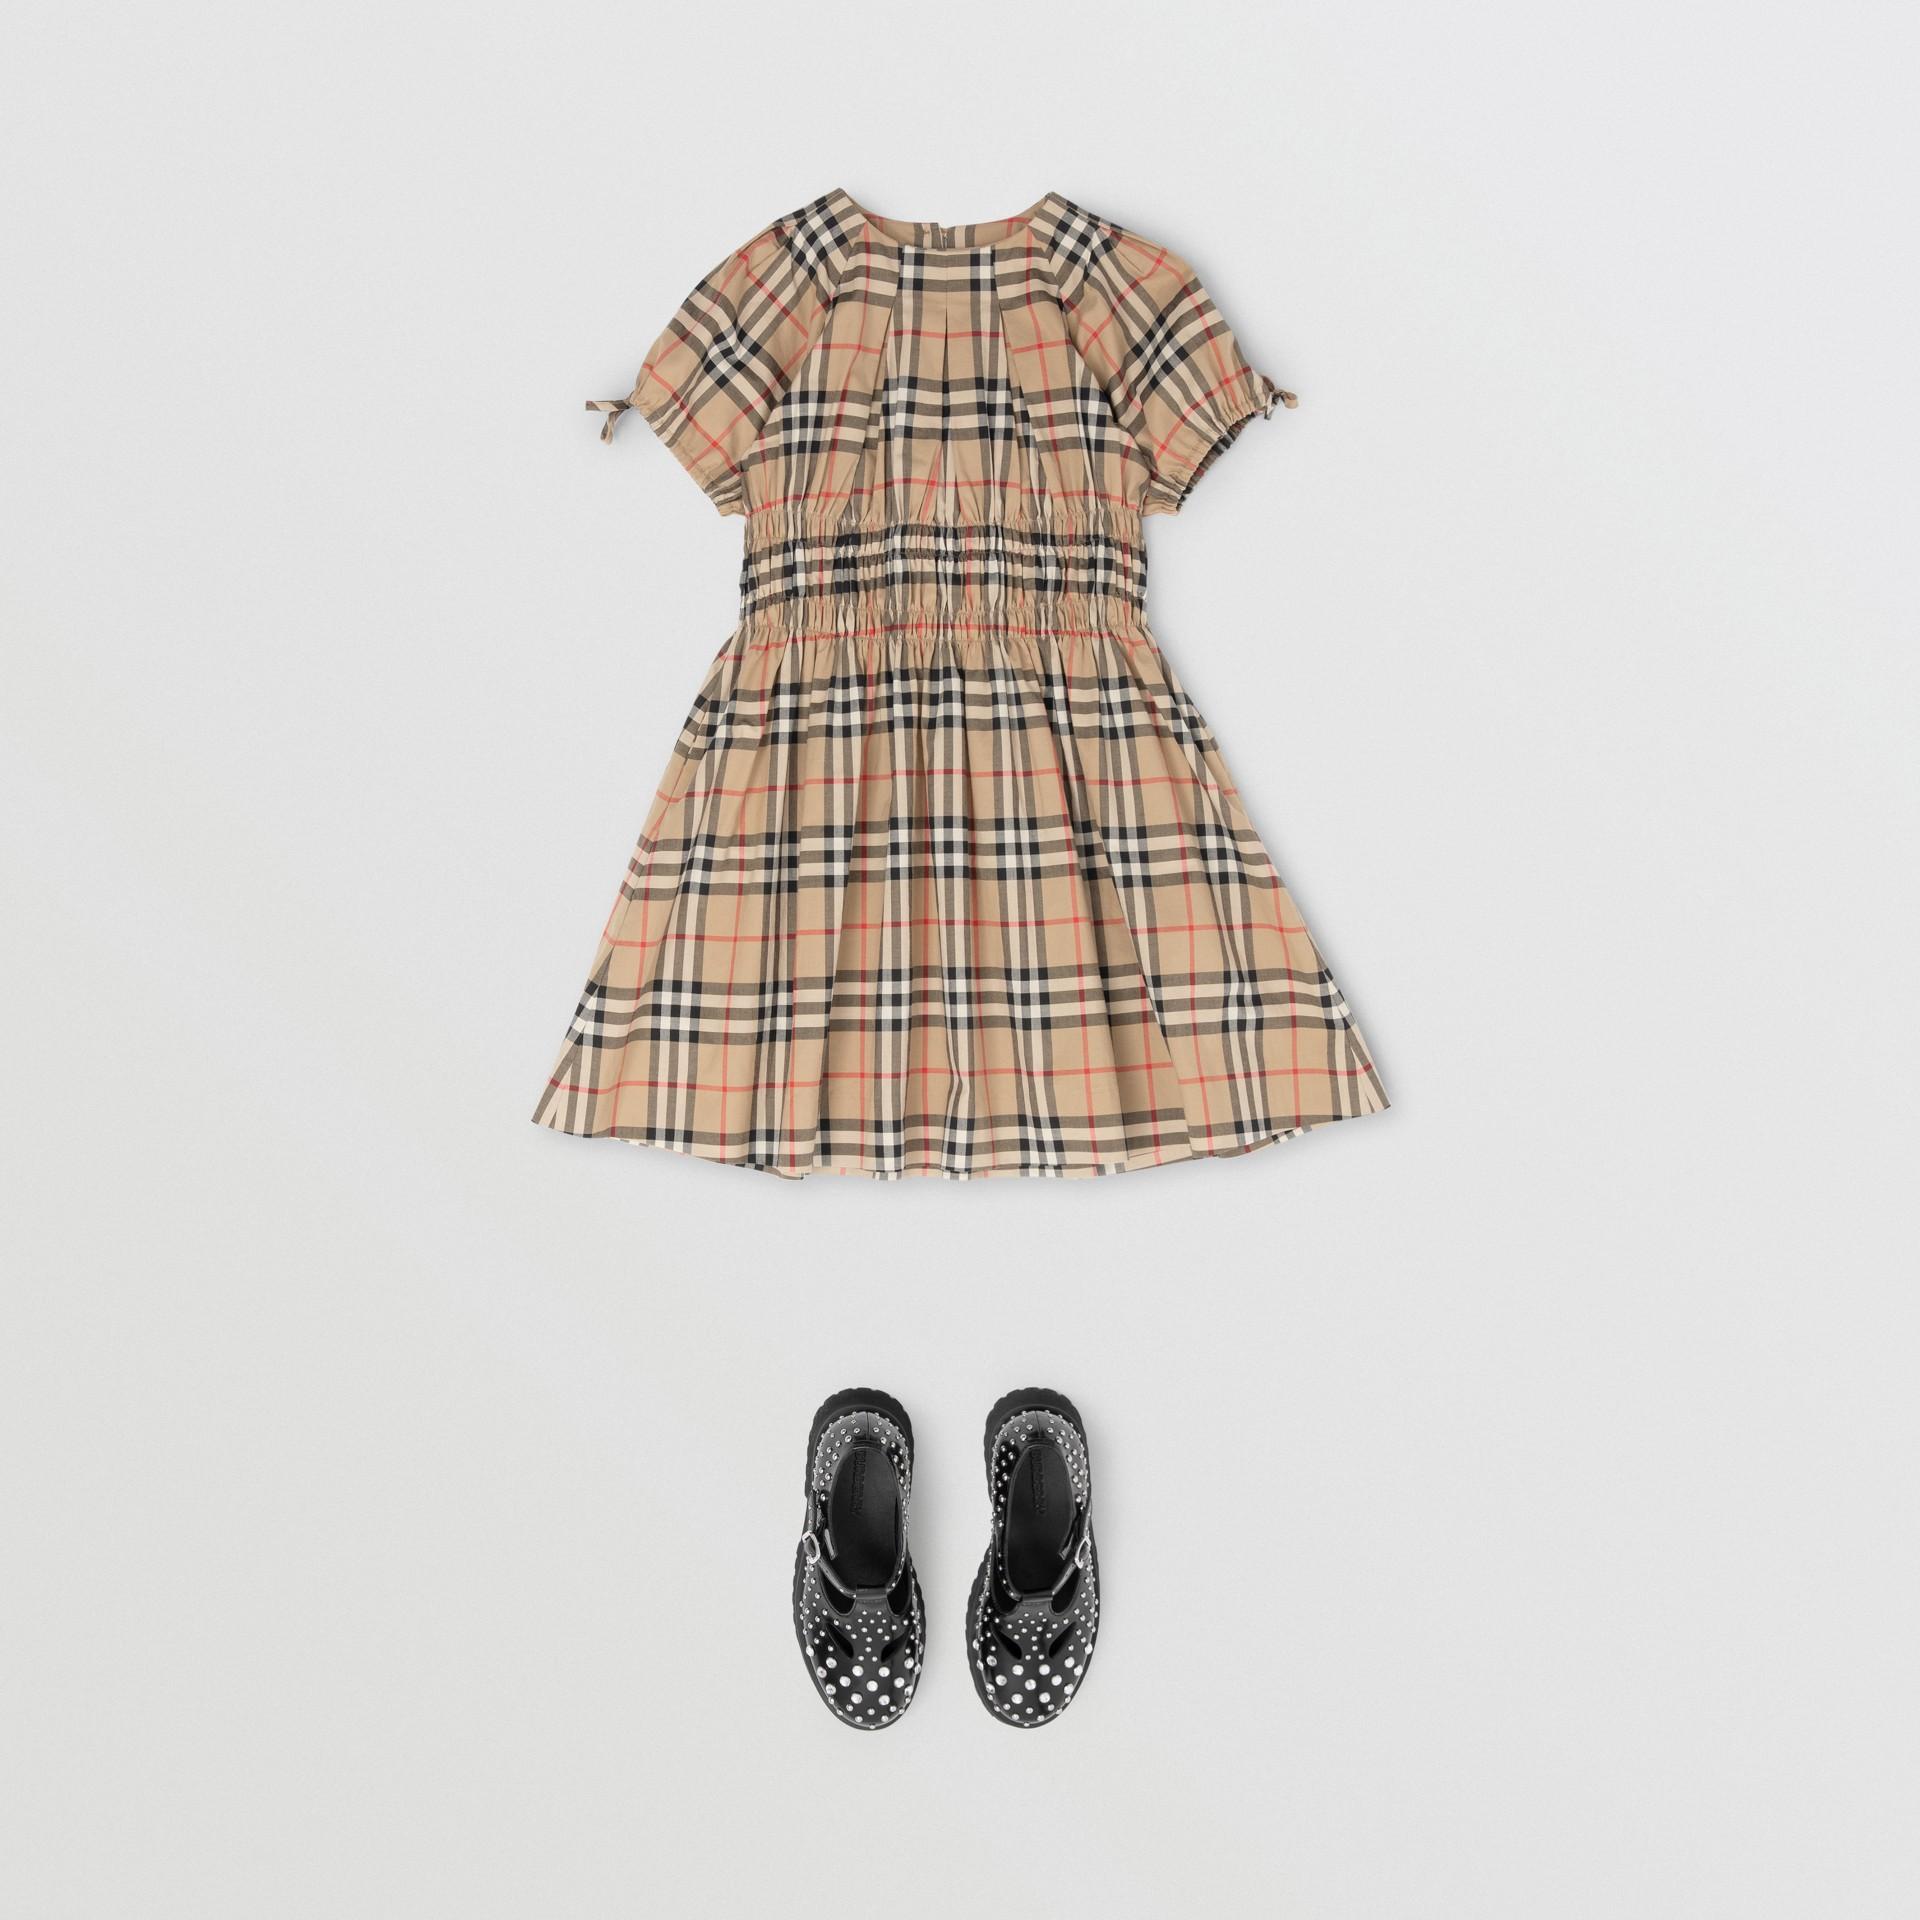 Vestido de algodão com estampa Vintage Check e recorte franzido (Bege Clássico) | Burberry - galeria de imagens 2